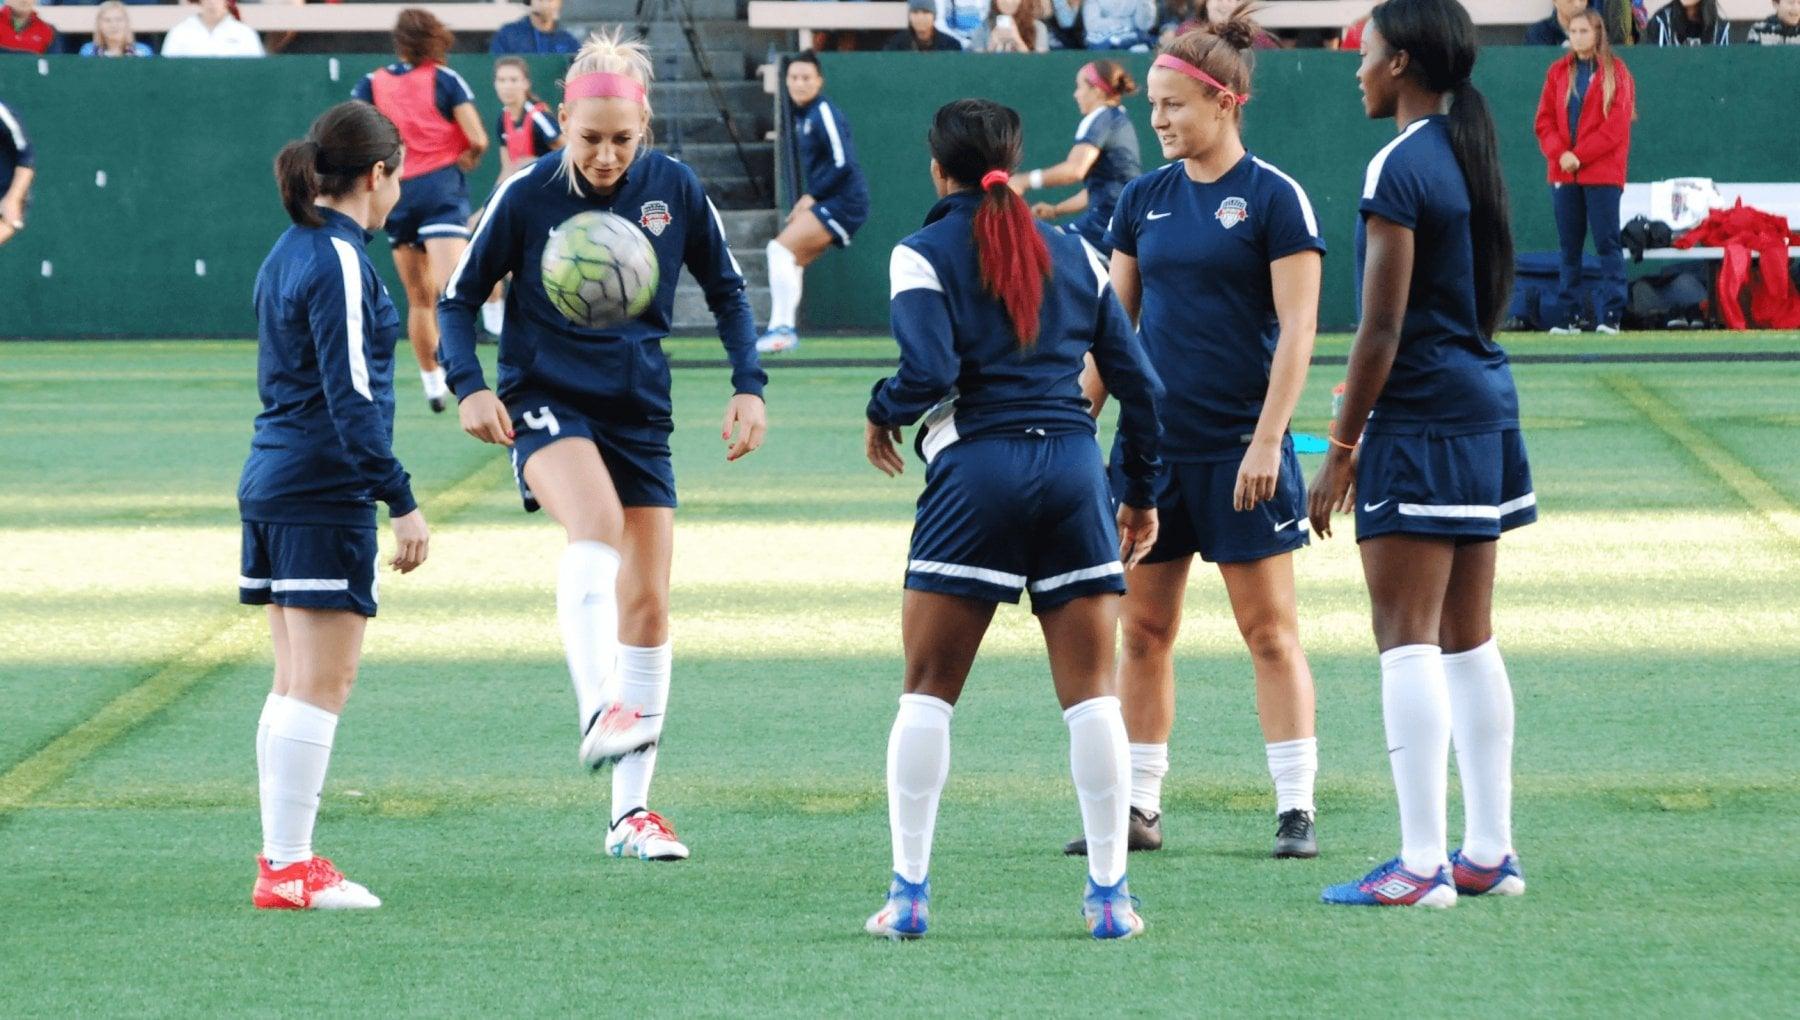 """184239659 6dabf6a7 b0da 4b54 831f 77ca0ada5ab8 - La squadra delle ex """"First Daughters"""": Chelsea Clinton e Jenna Bush puntano sul calcio femminile"""